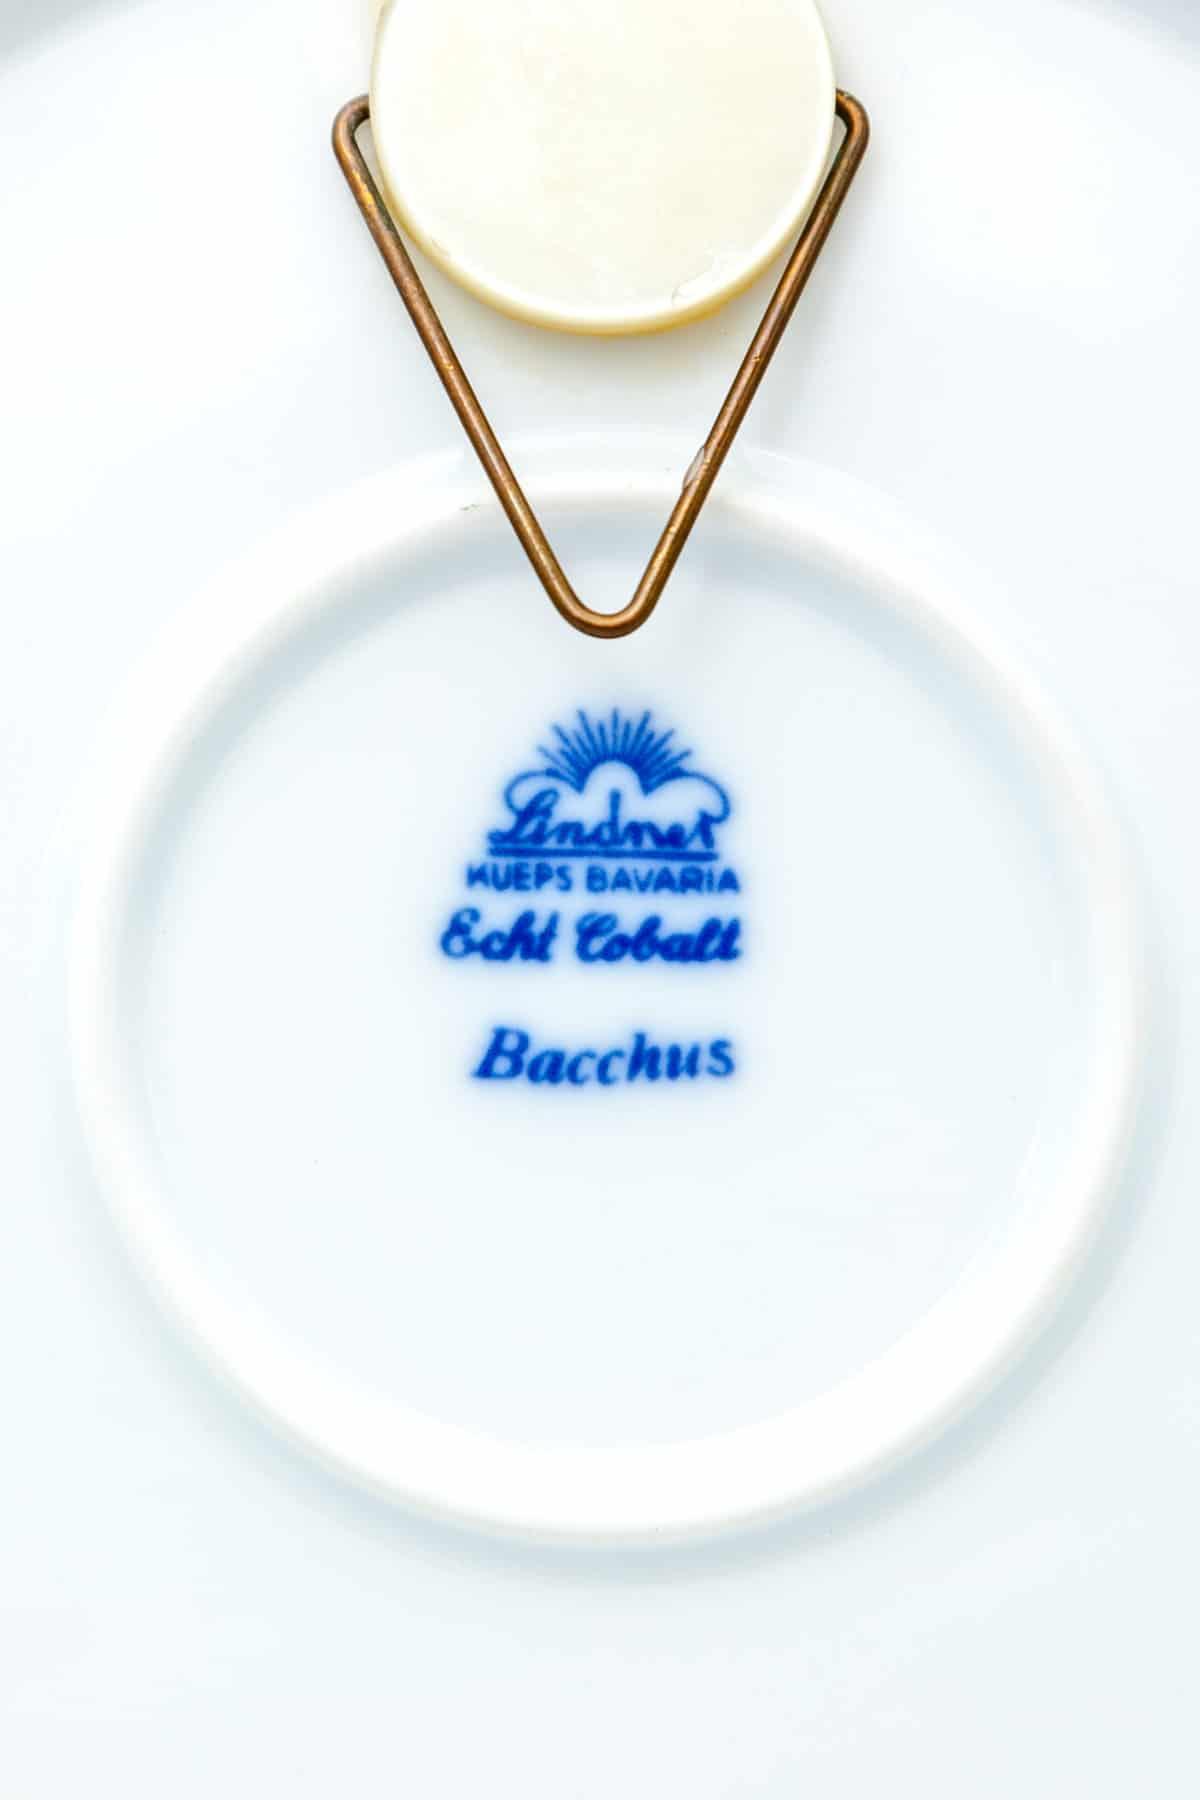 farforovaya tarelka bacchus